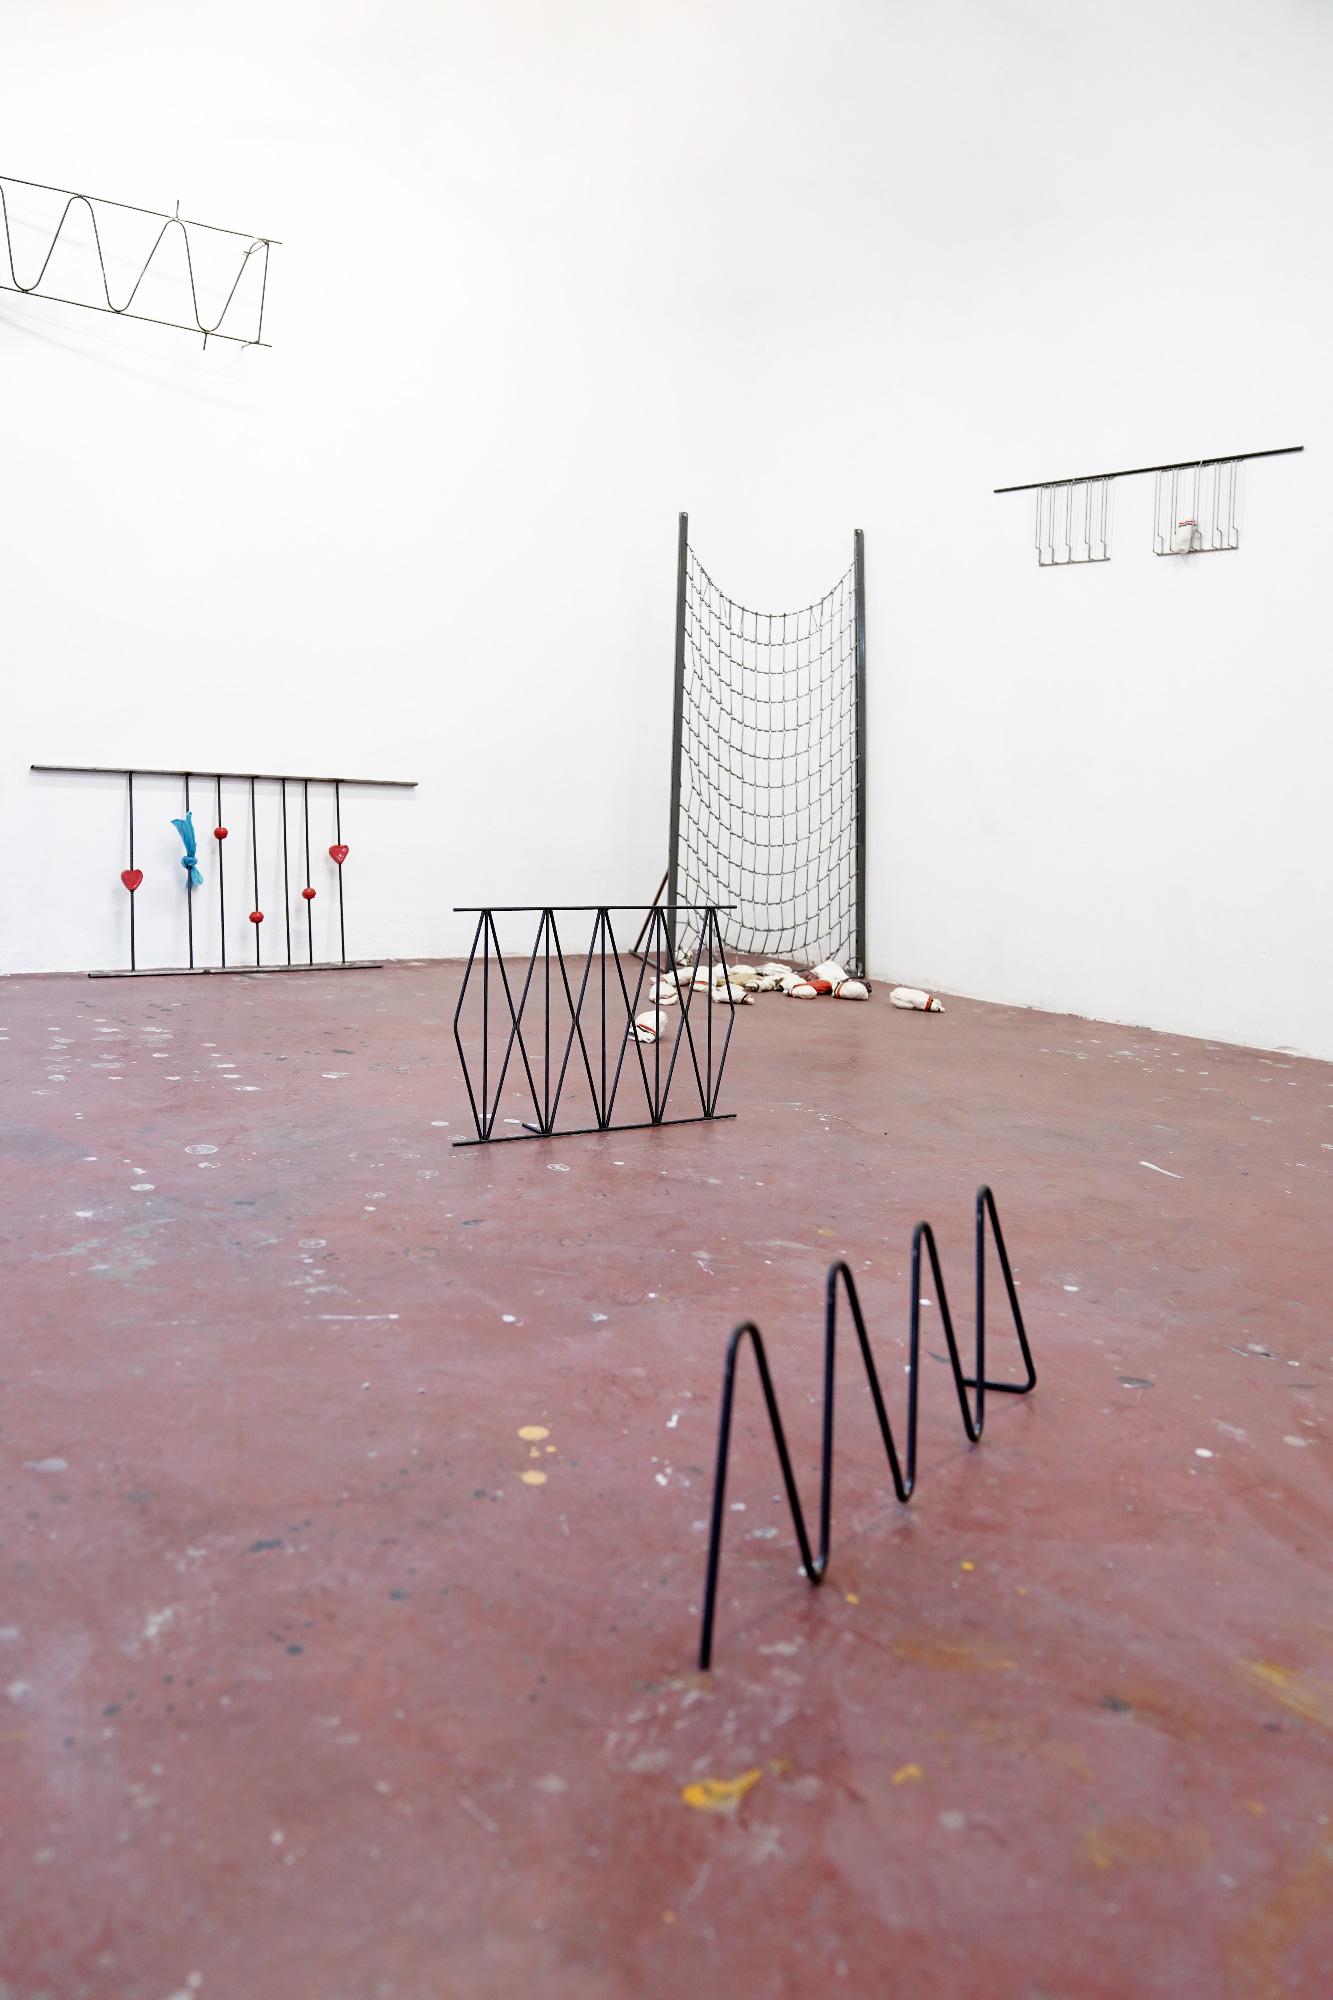 CaballeroCosmica-ExhibitionPhoto-Openstudio-Tamara-Arroyo-12-.jpg